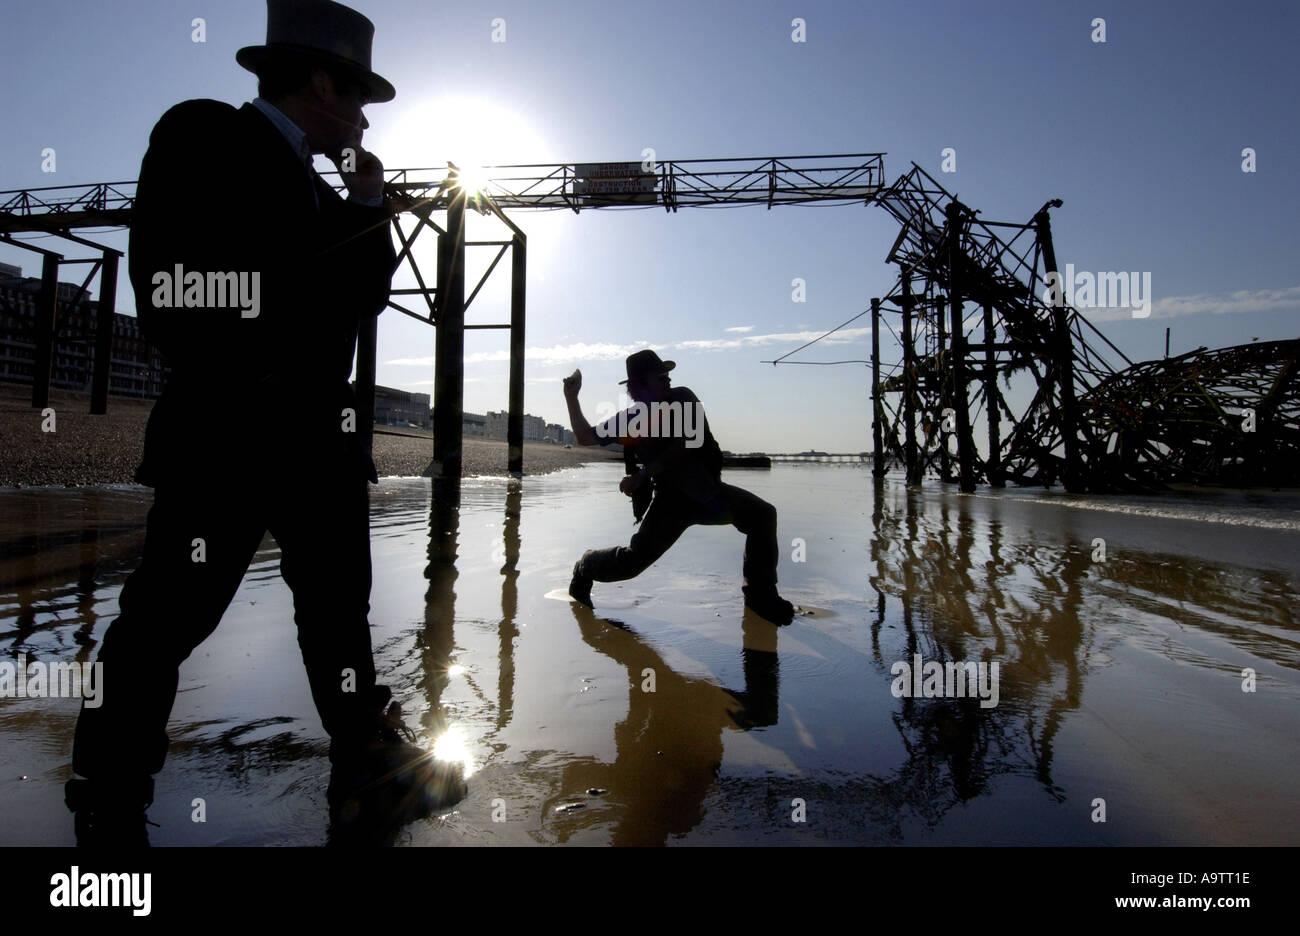 Stone rozando la competencia en la playa de Brighton. Un aspirante lob una piedra, observados por un juez en un sombrero superior Foto de stock